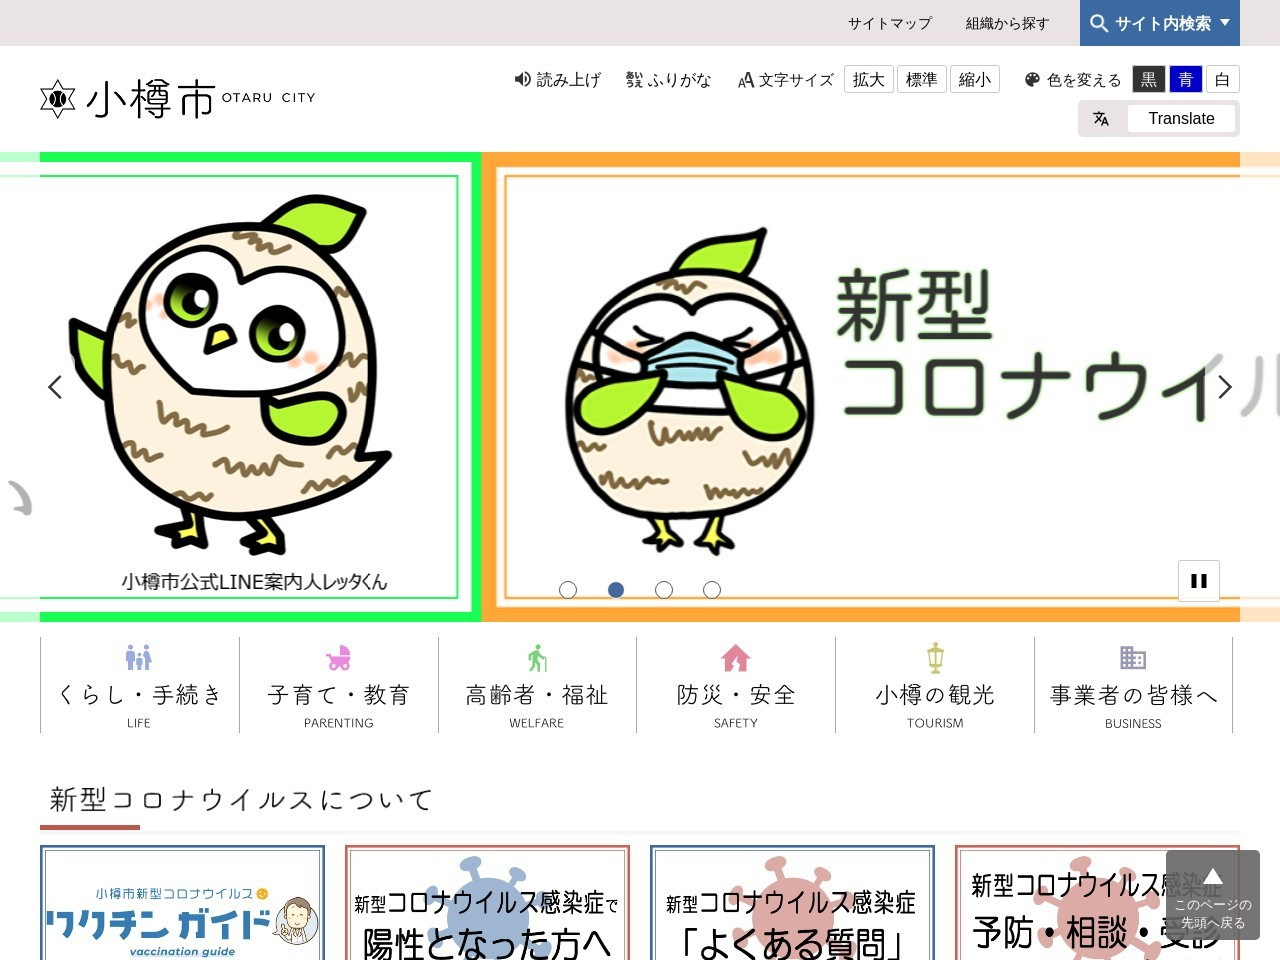 http://www.city.otaru.lg.jp/sisei_tokei/reiki_tokei_siryo/zaisei/yosan-kessan/h30yosan.html